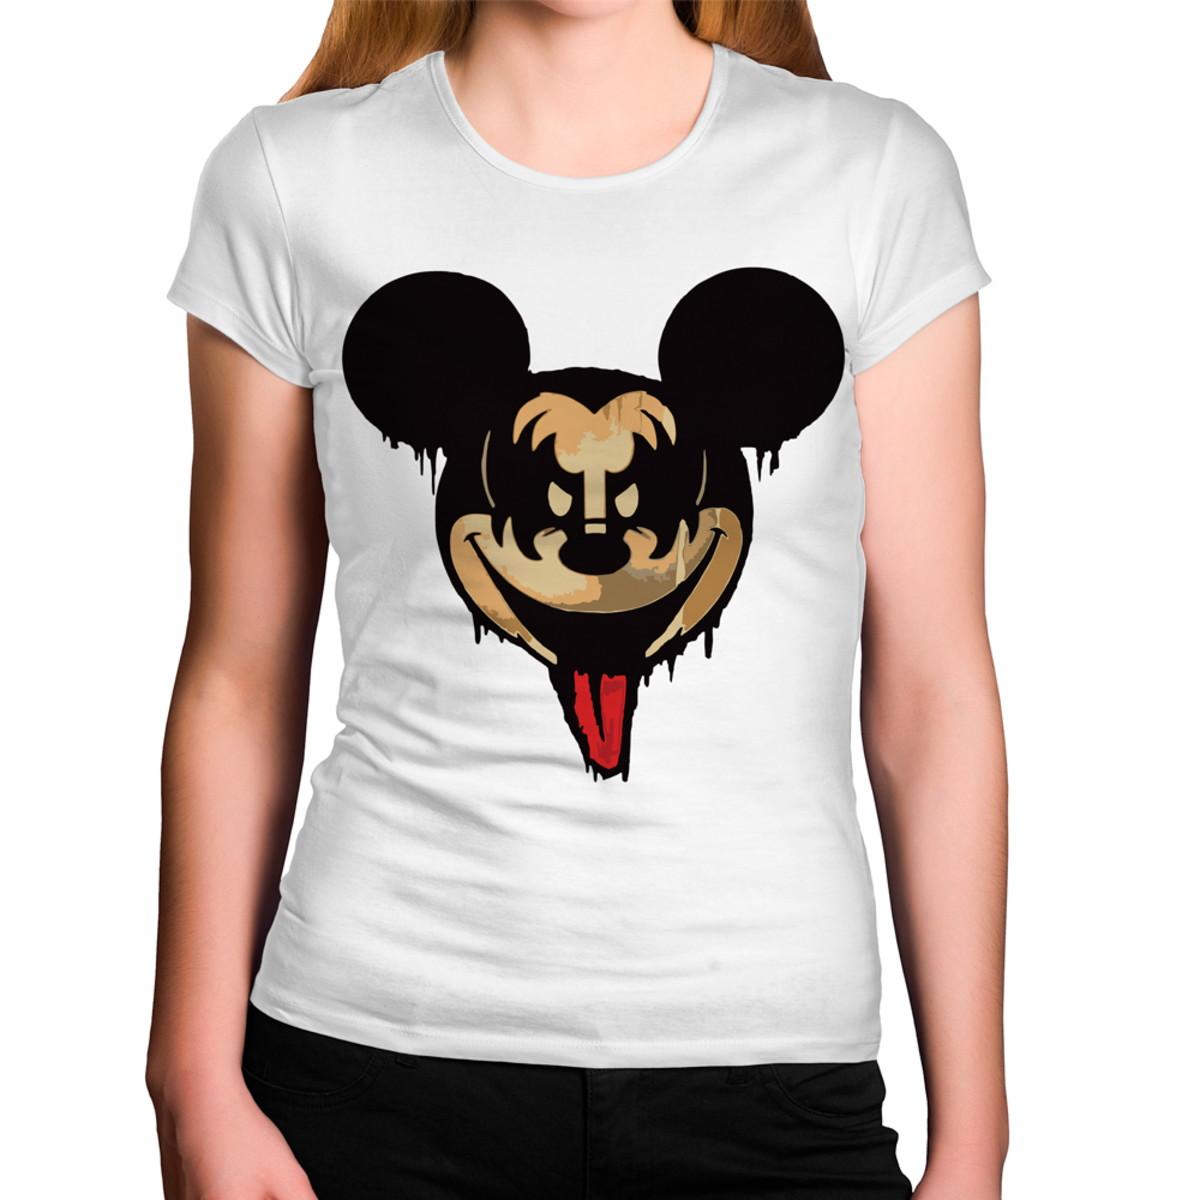 fe0cfe01d Camiseta Feminina Mickey Kiss Banda de Rock no Elo7